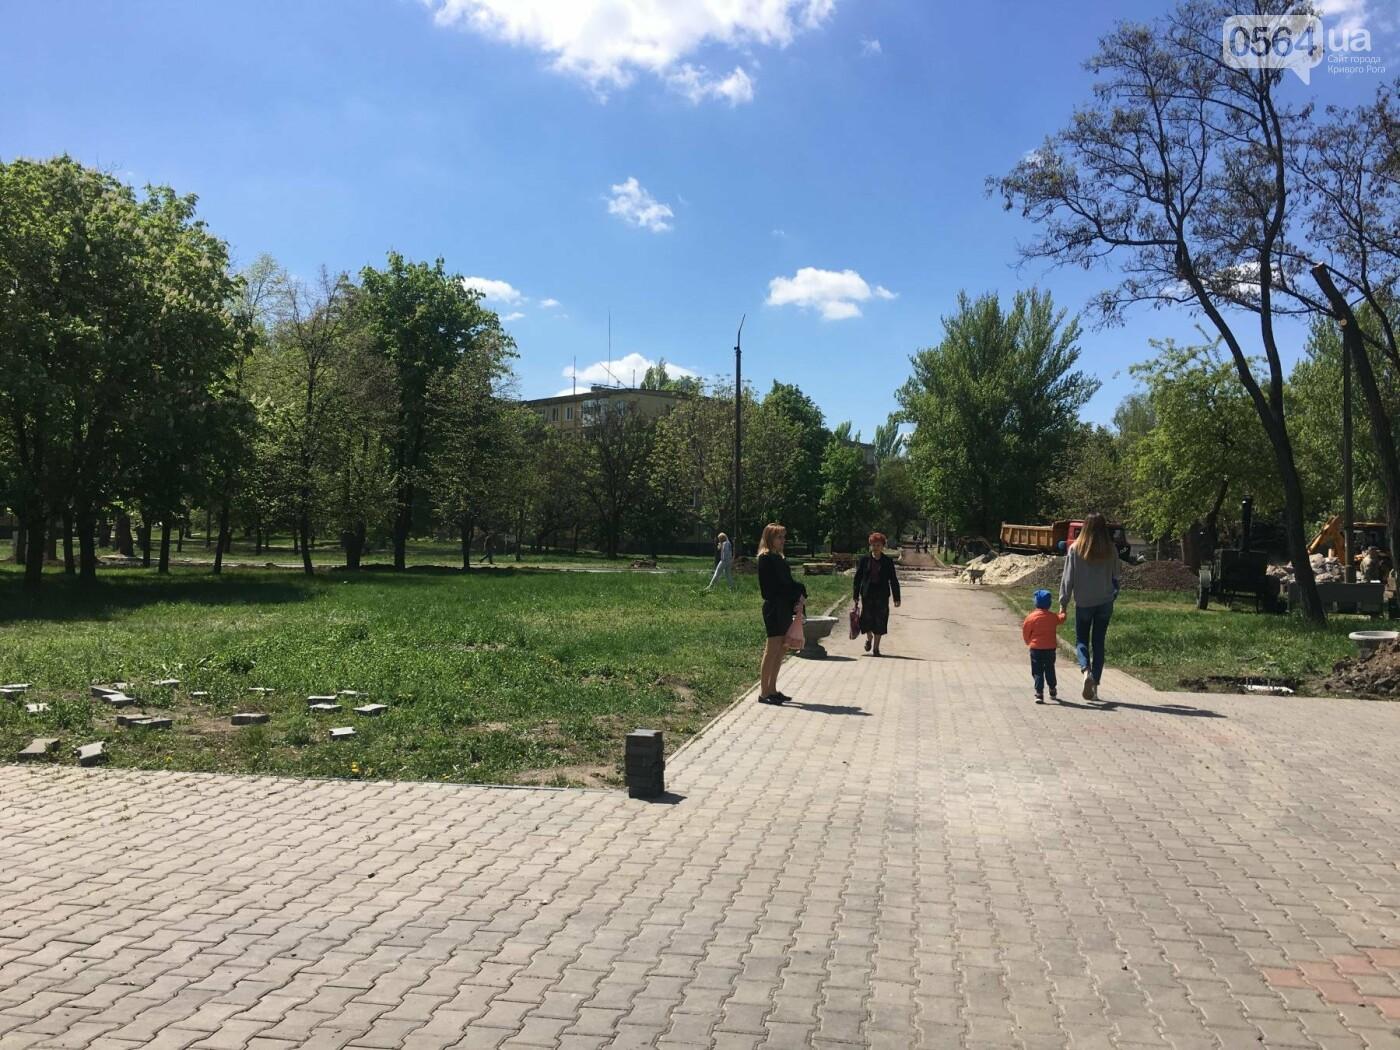 """""""В Европу без мусора!"""": криворожане помогли подготовить парк к Еврофесту (ФОТО), фото-71"""